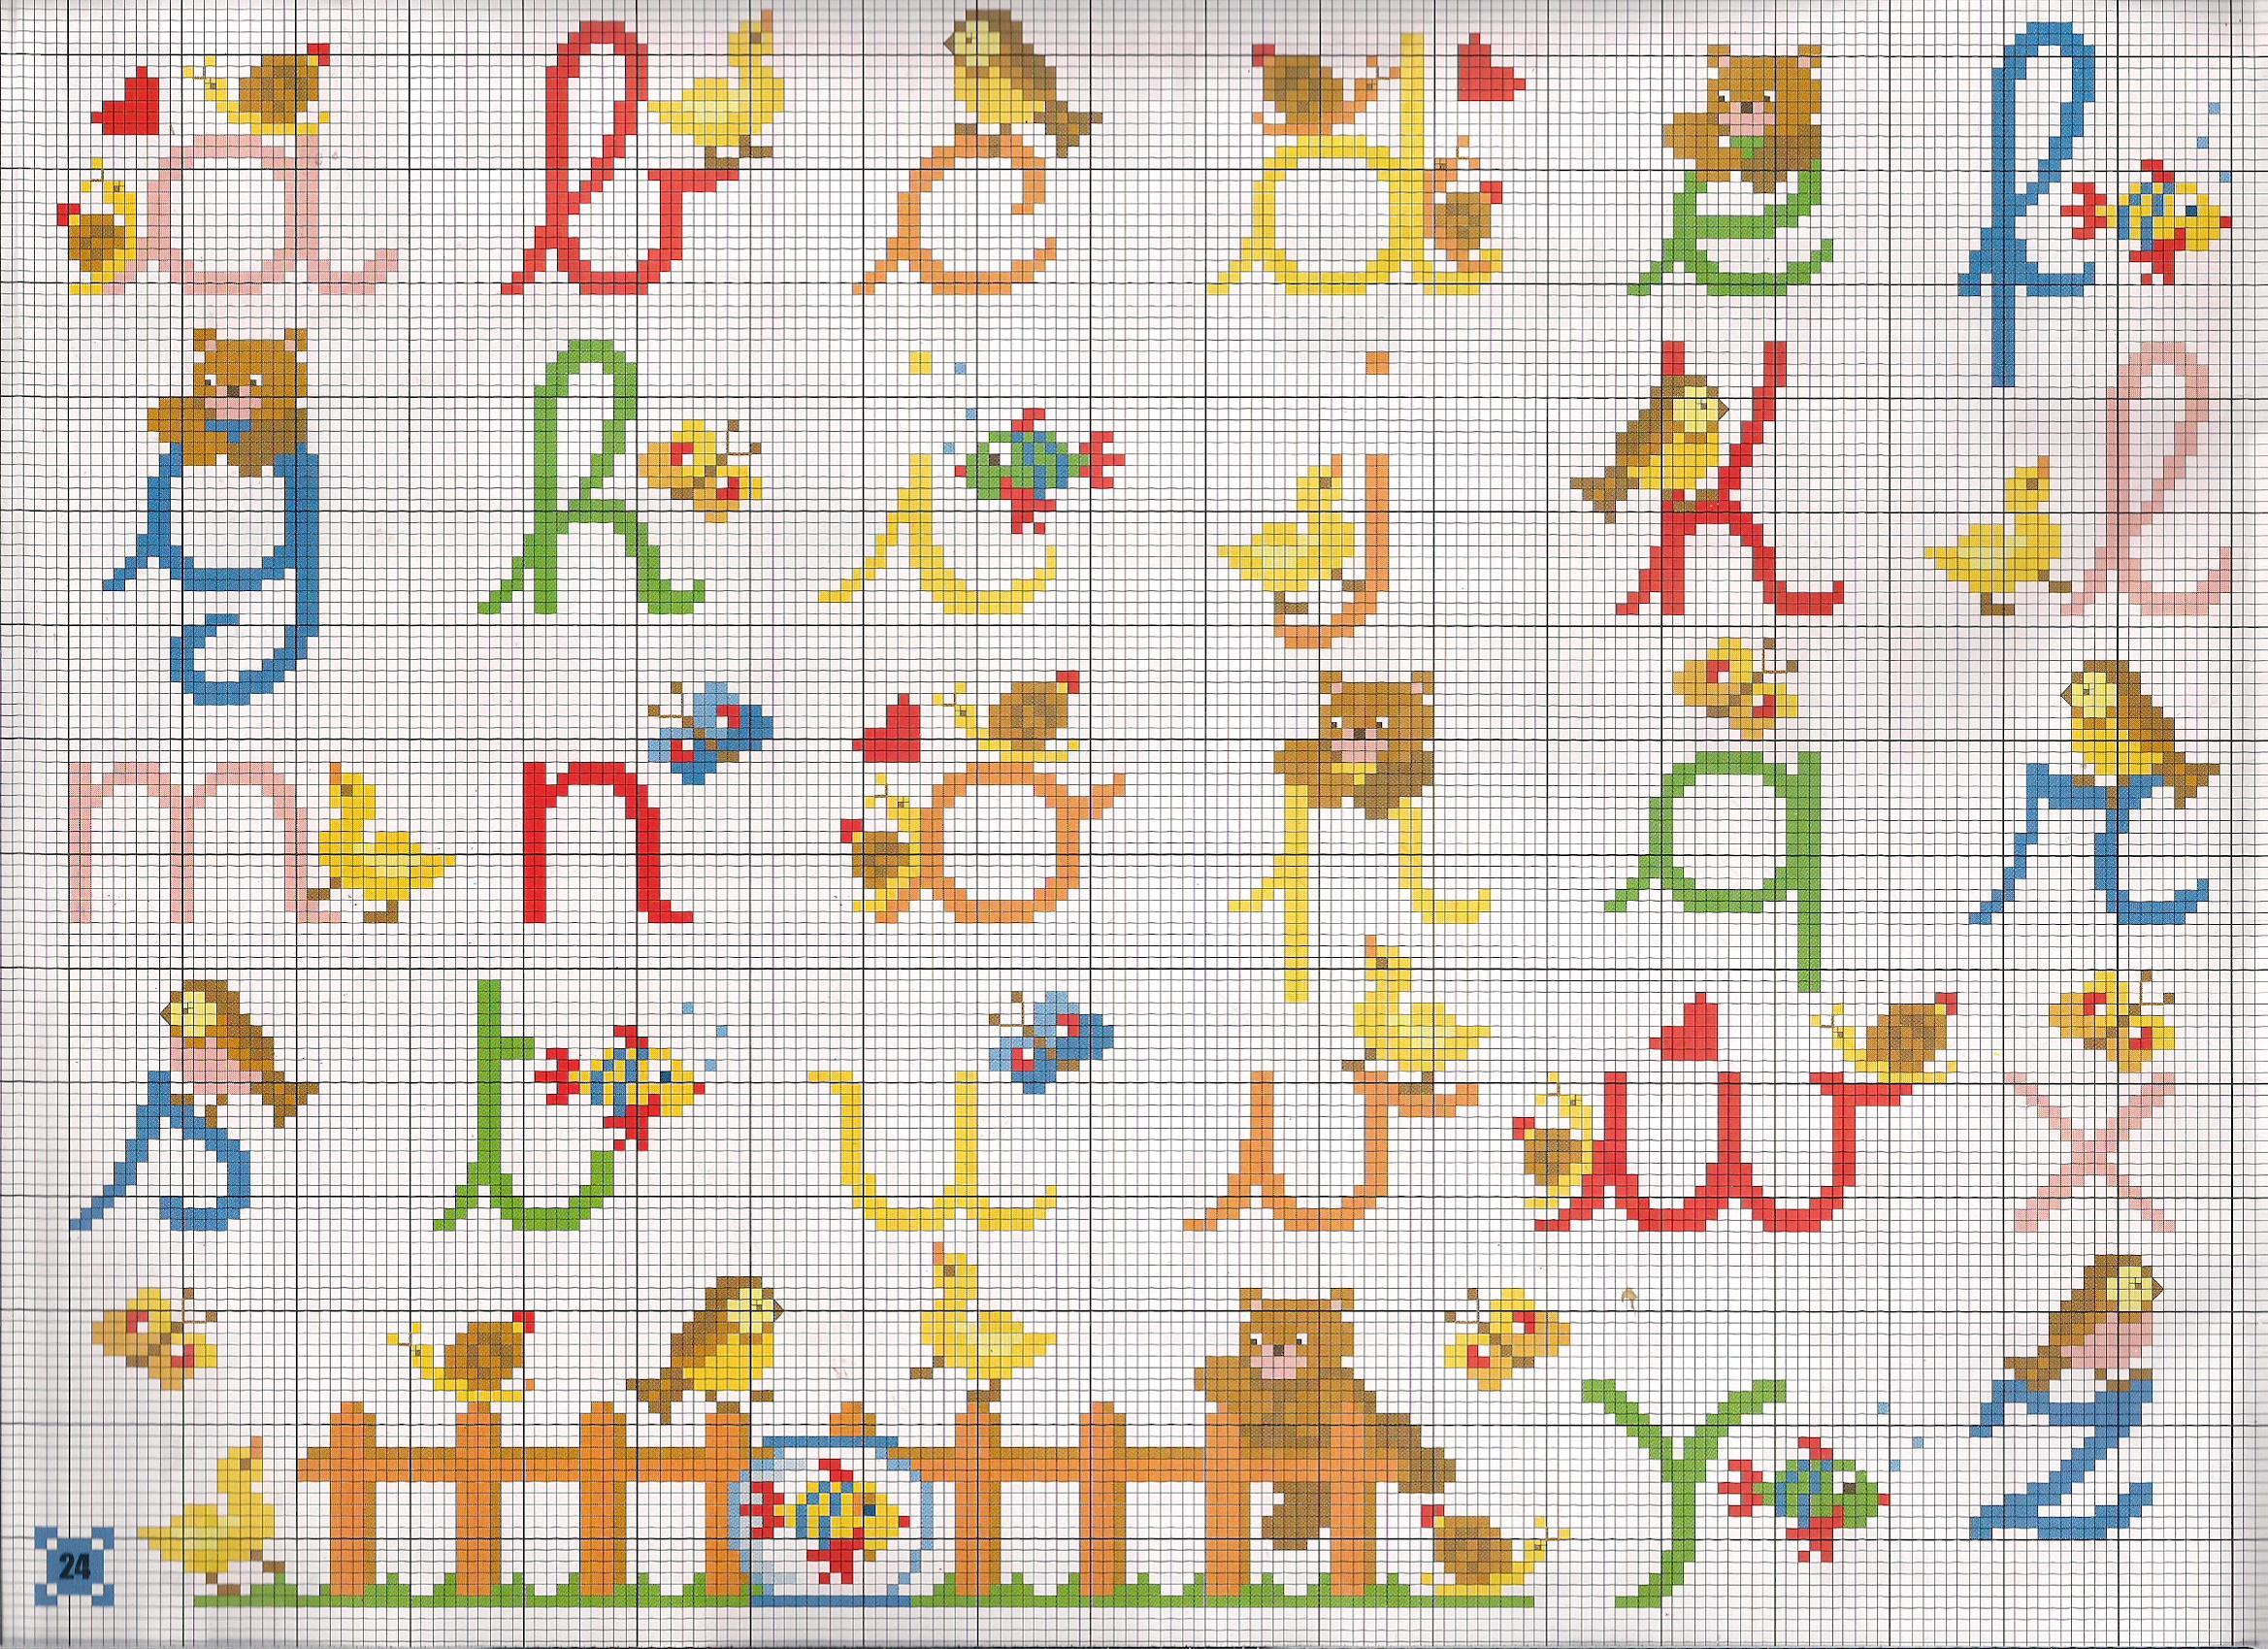 Alfabeto corsivo animaletti punto croce for Schemi punto a croce alfabeto